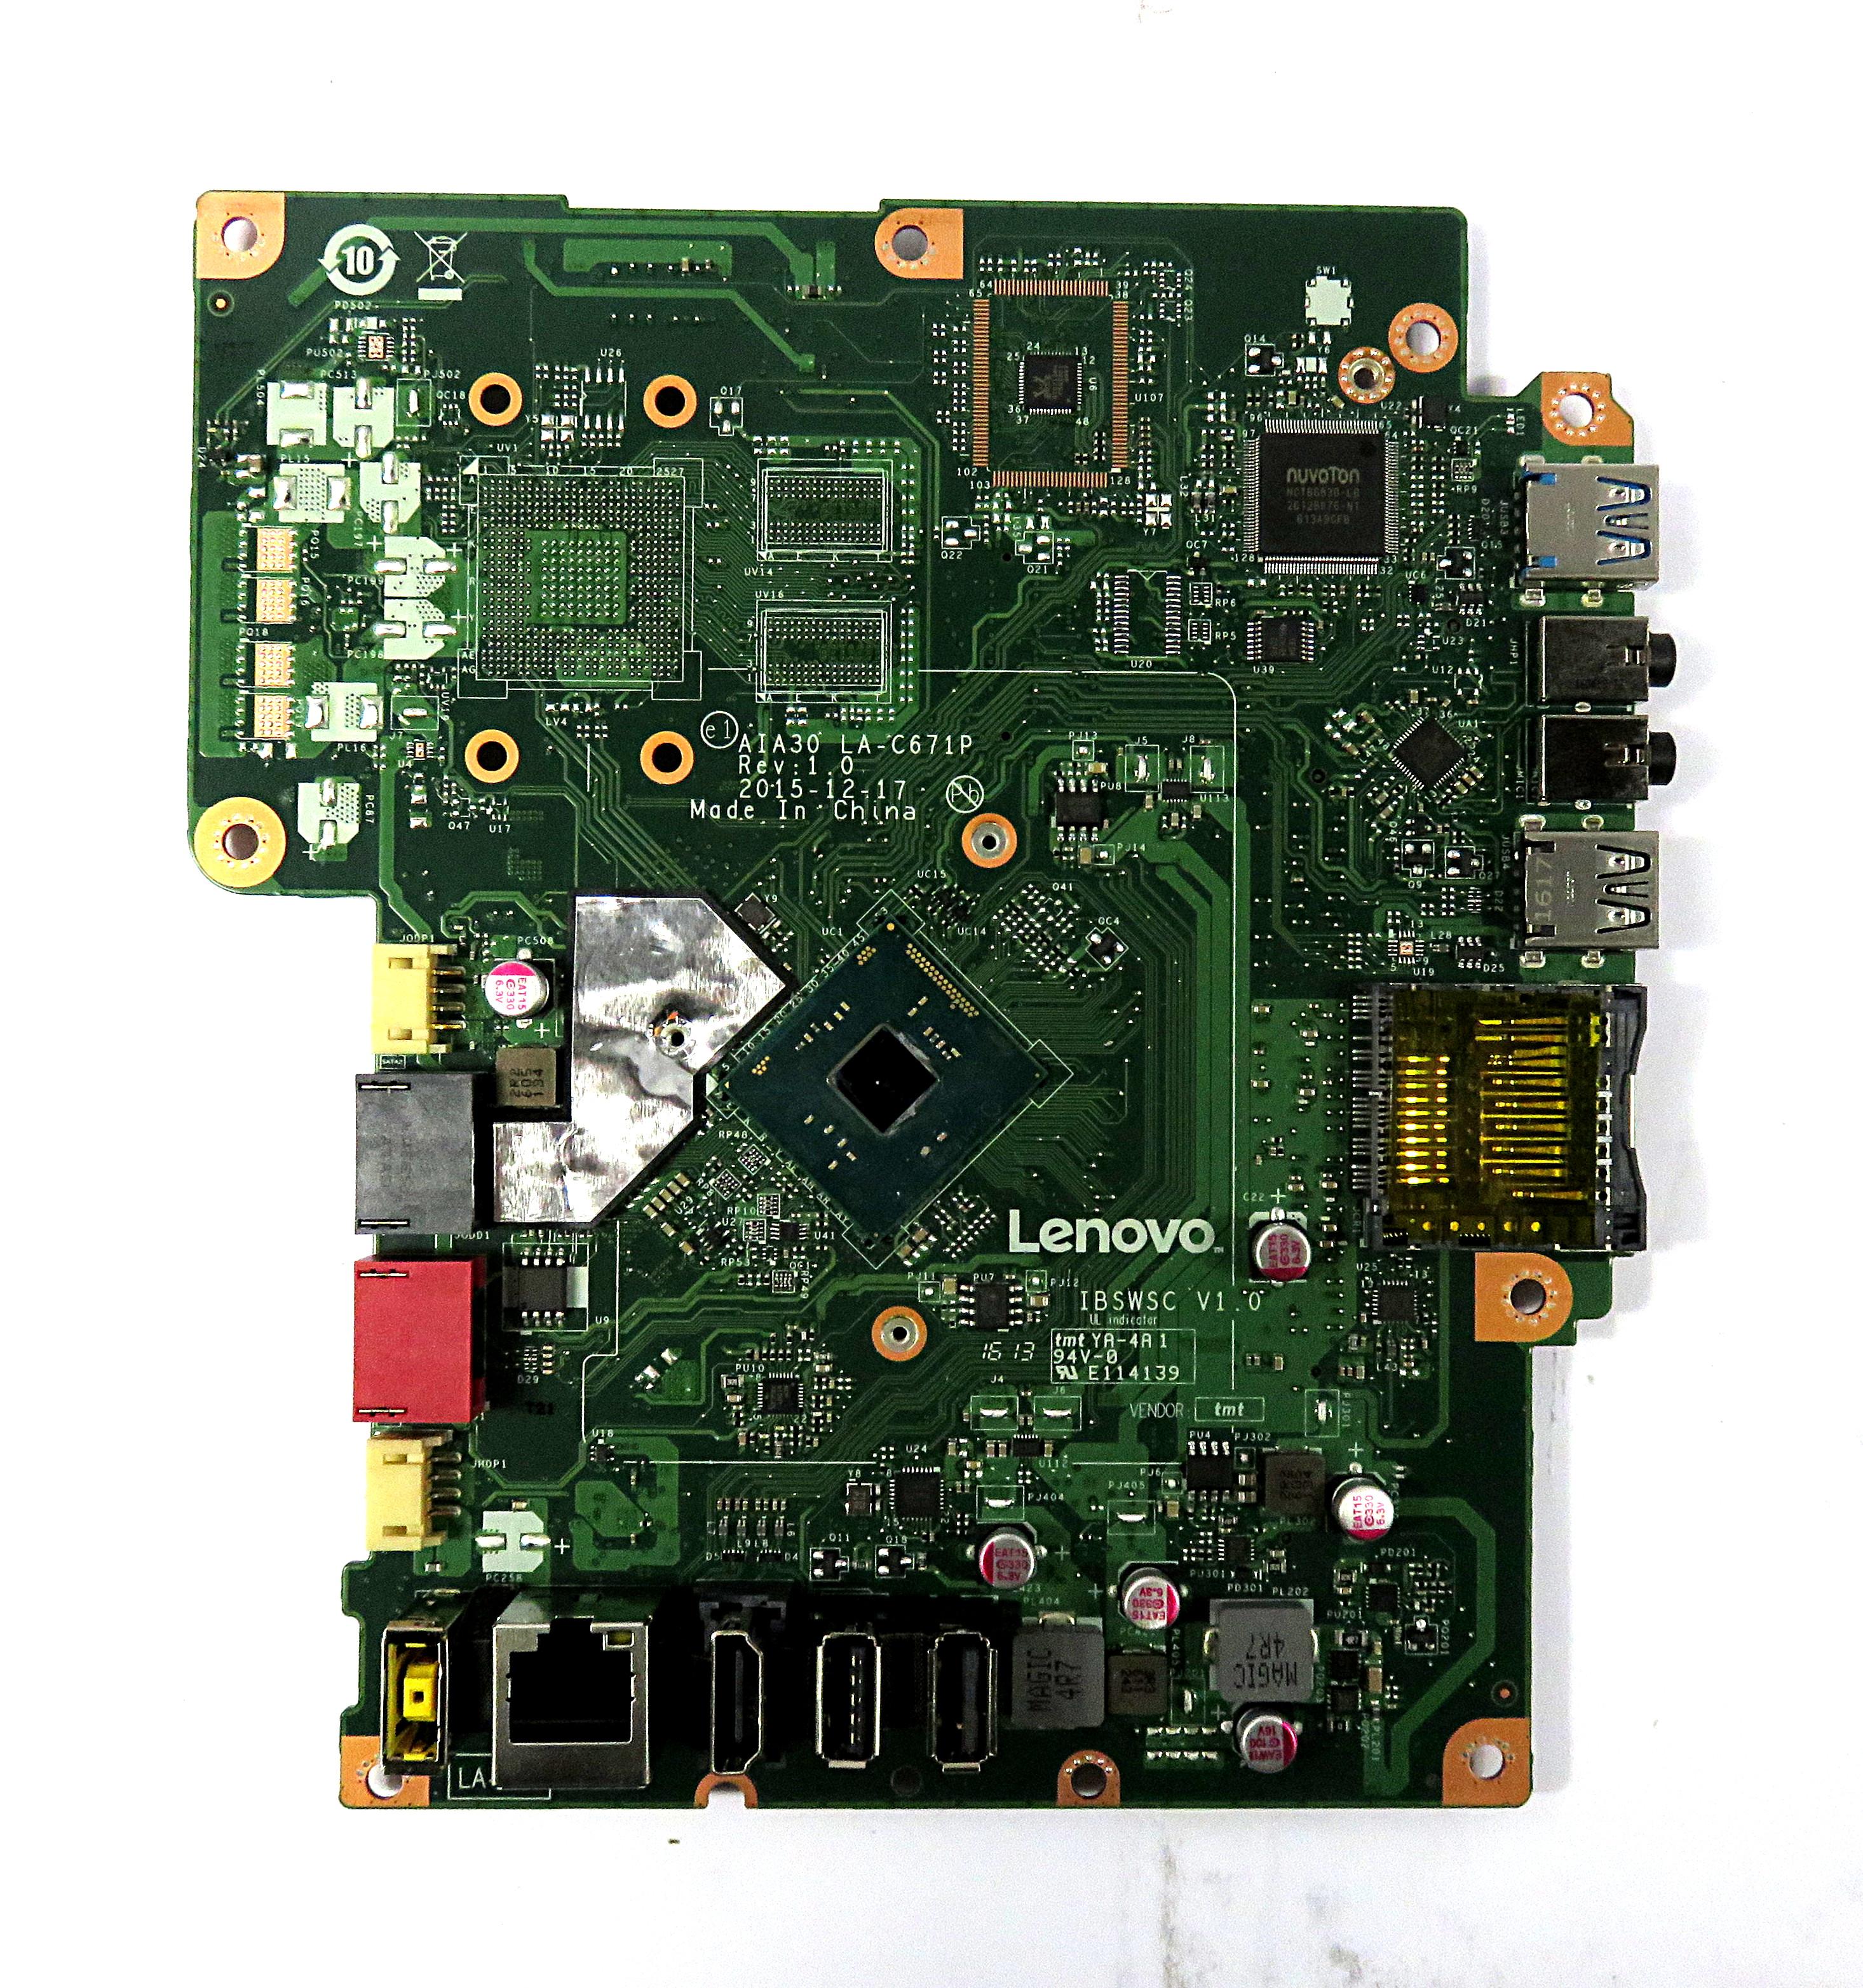 Lenovo UW329 IBSWSC V1.0 Motherboard f/ C20-00 AiO PC Pentium J3710 CPU 00UW329